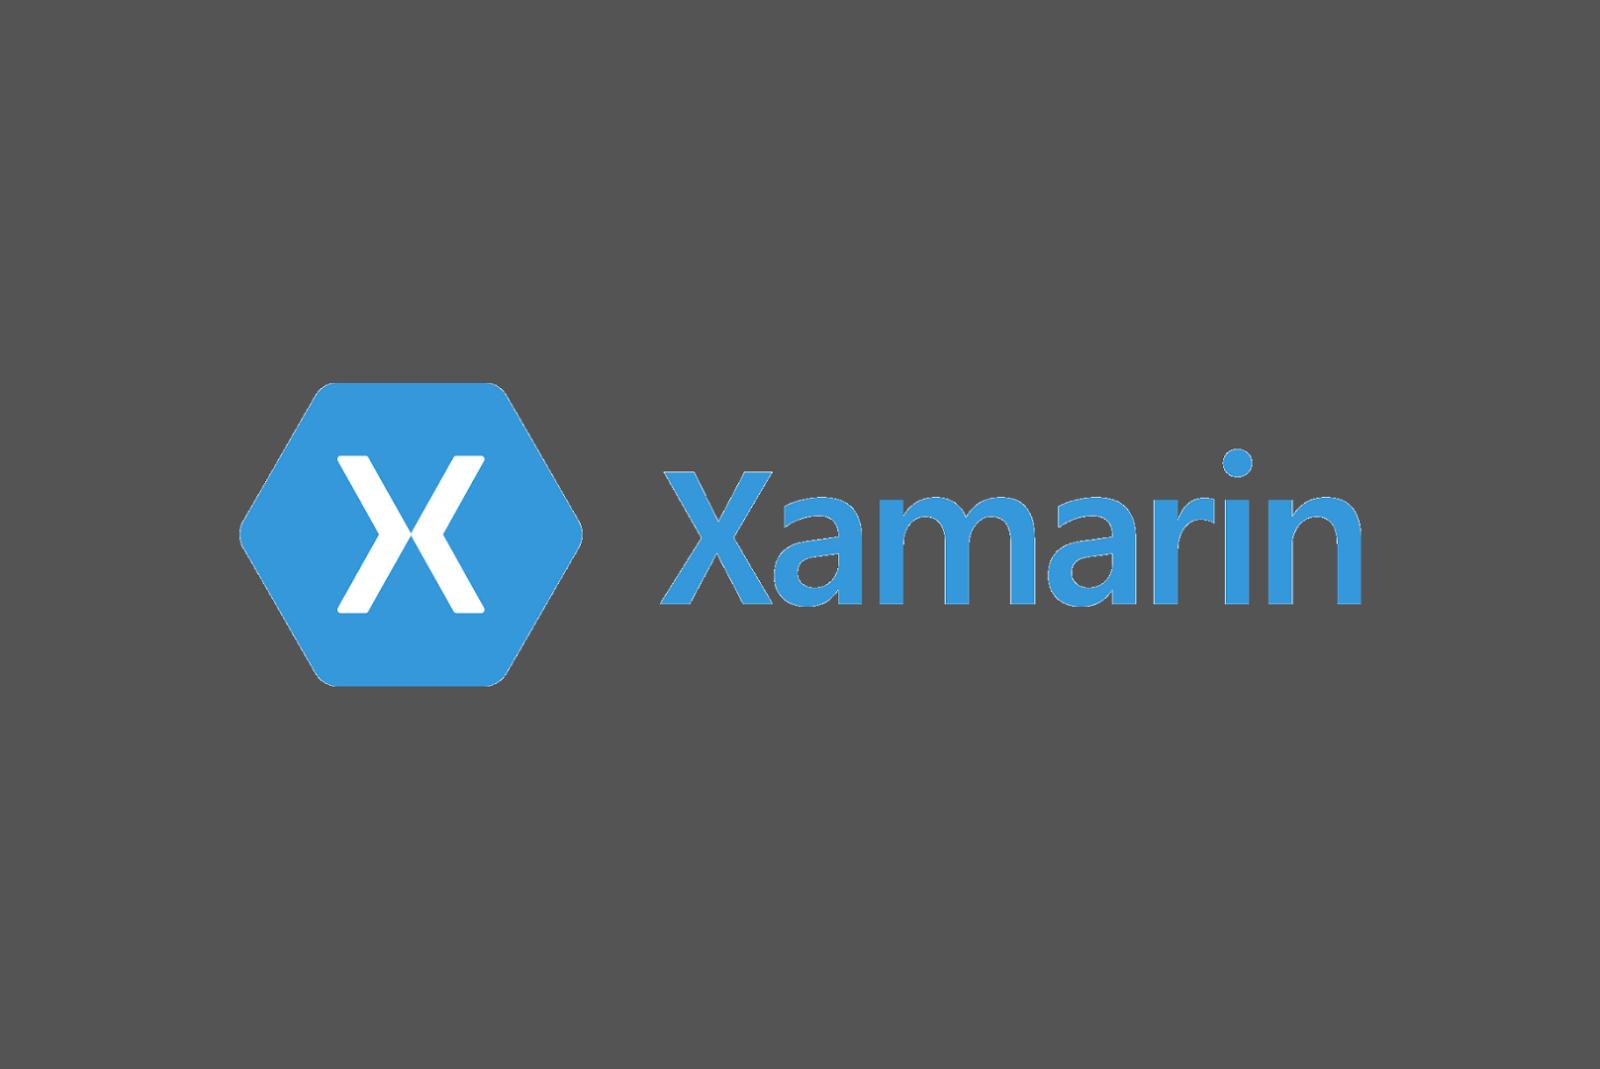 Xamarin Programming Language